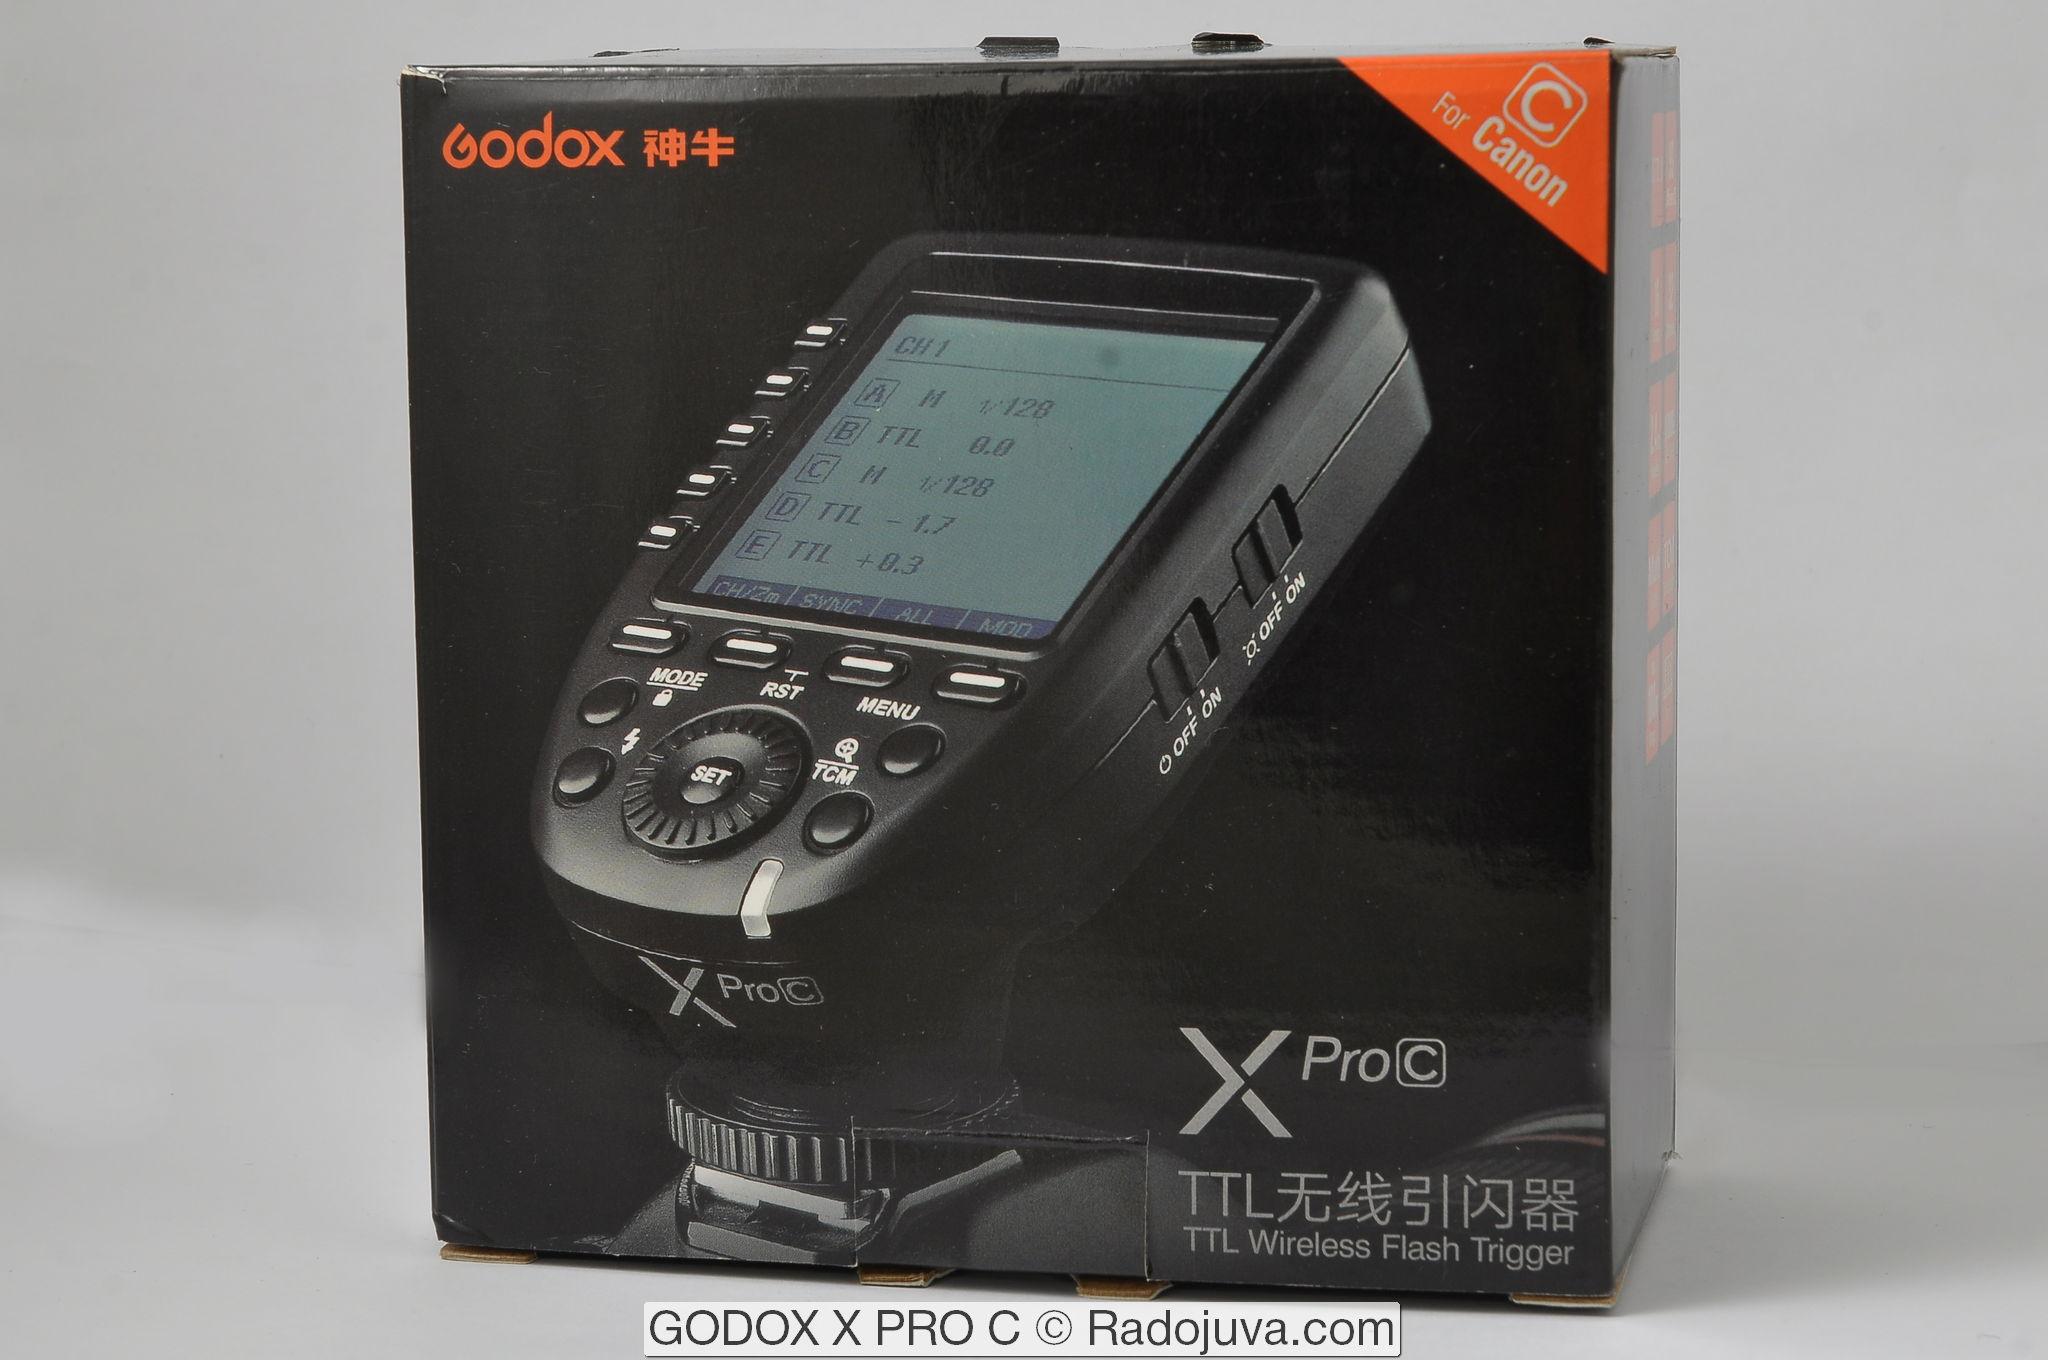 GODOX X PRO C